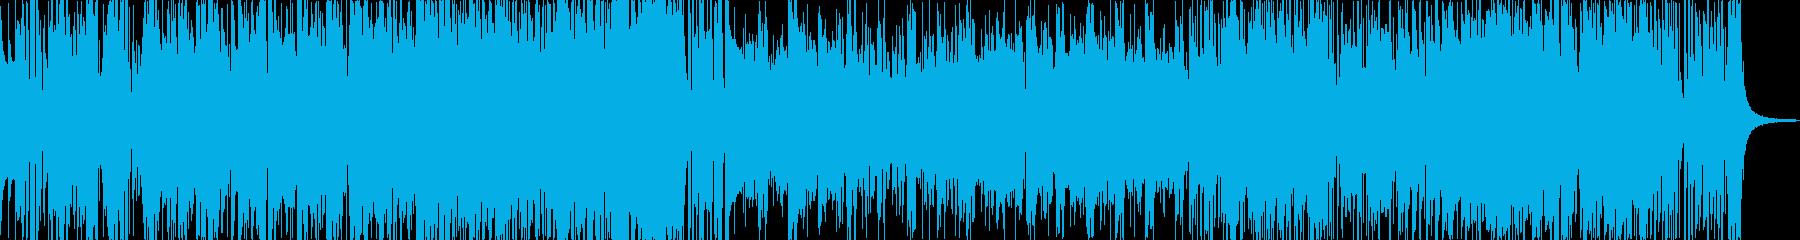 70年代風のジャズフュージョンの再生済みの波形